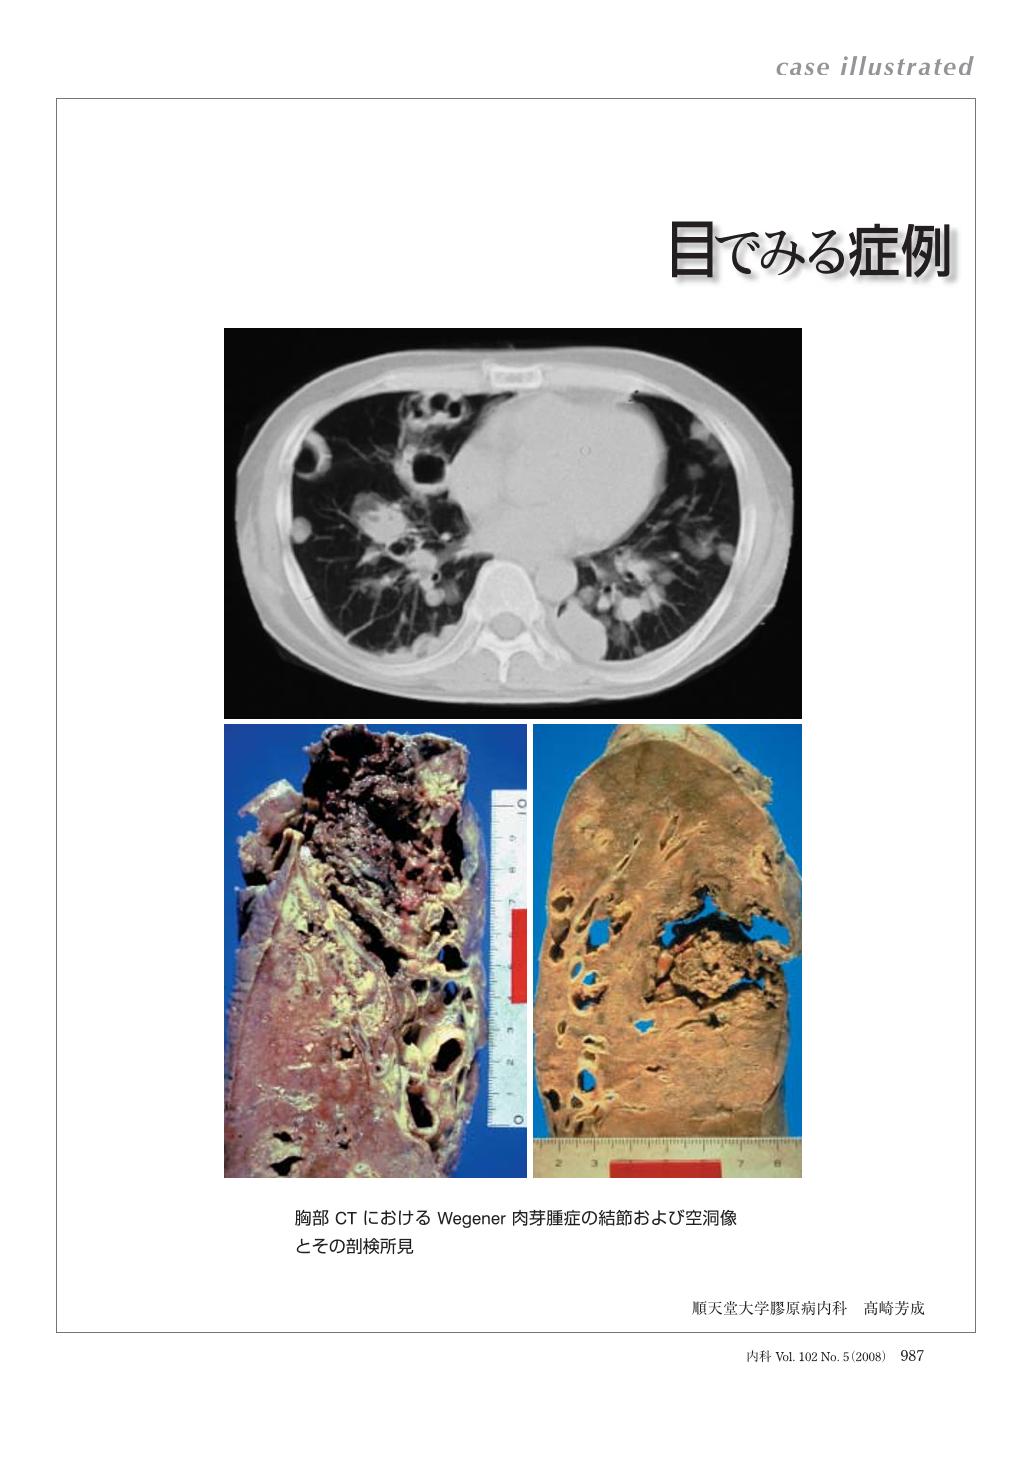 ウェジナー 肉芽 腫 症